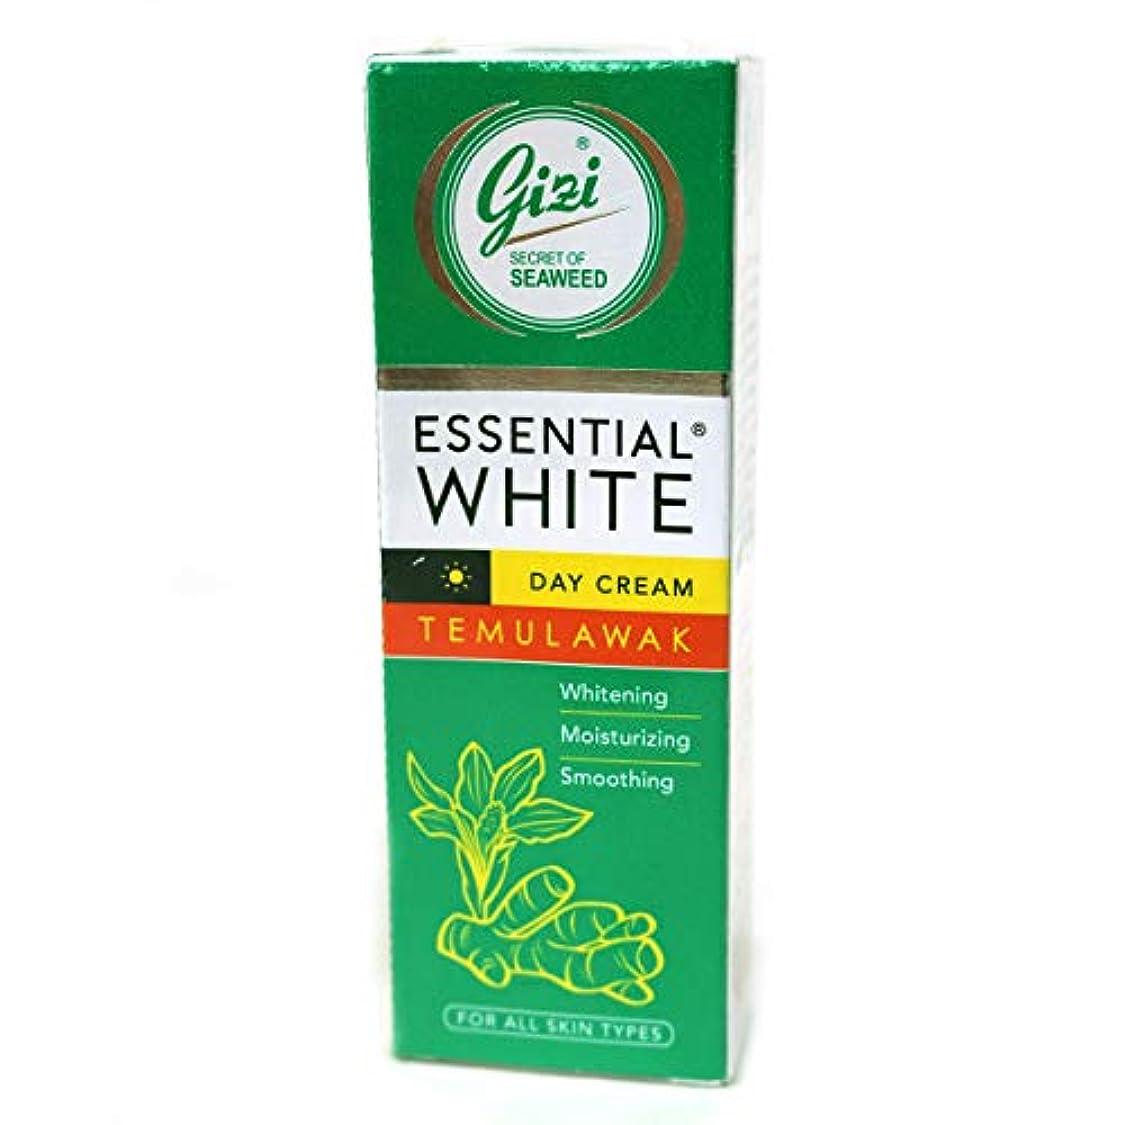 非難するオンス第四ギジ gizi Essential White 日中用スキンケアクリーム チューブタイプ 18g テムラワク ウコン など天然成分配合 [海外直送品]